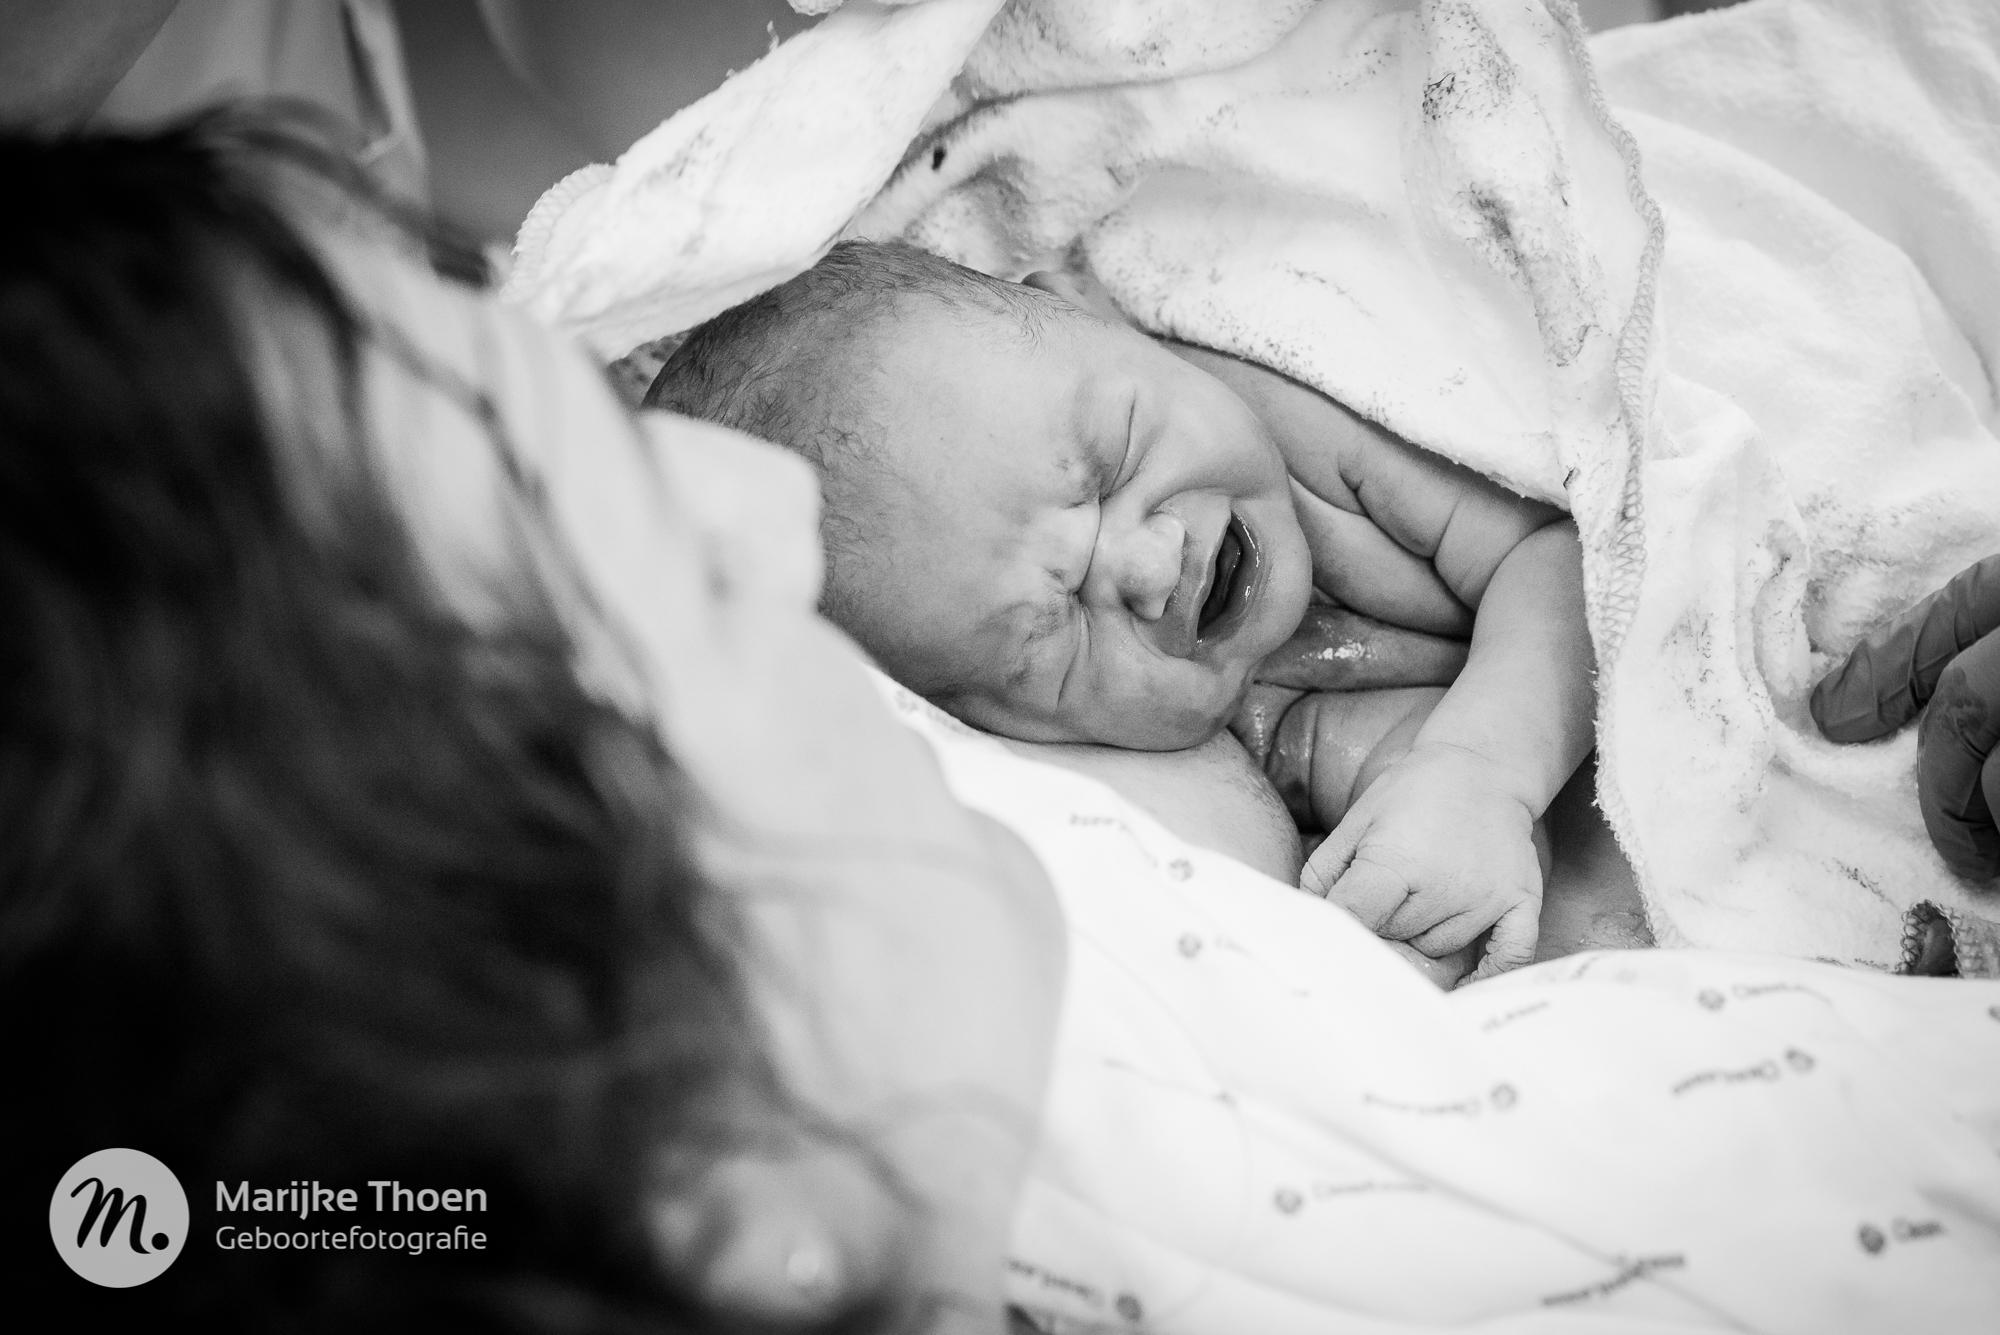 geboortefotograafie marijke thoen vlaanderen -16